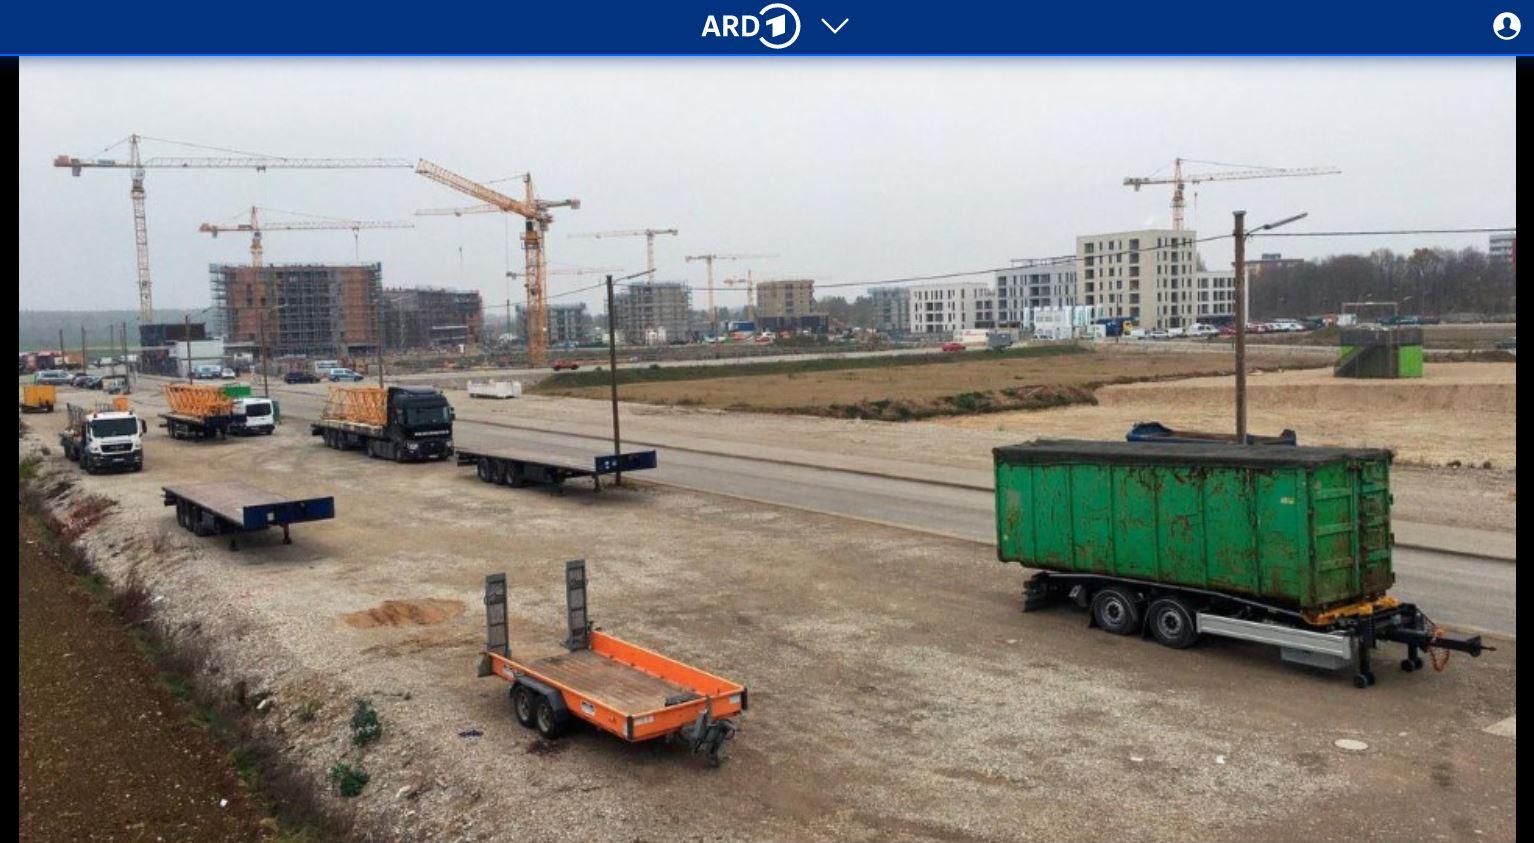 ARD-Doku: Goldgrube Bauland - Das große Geschäft mit Grund und Boden